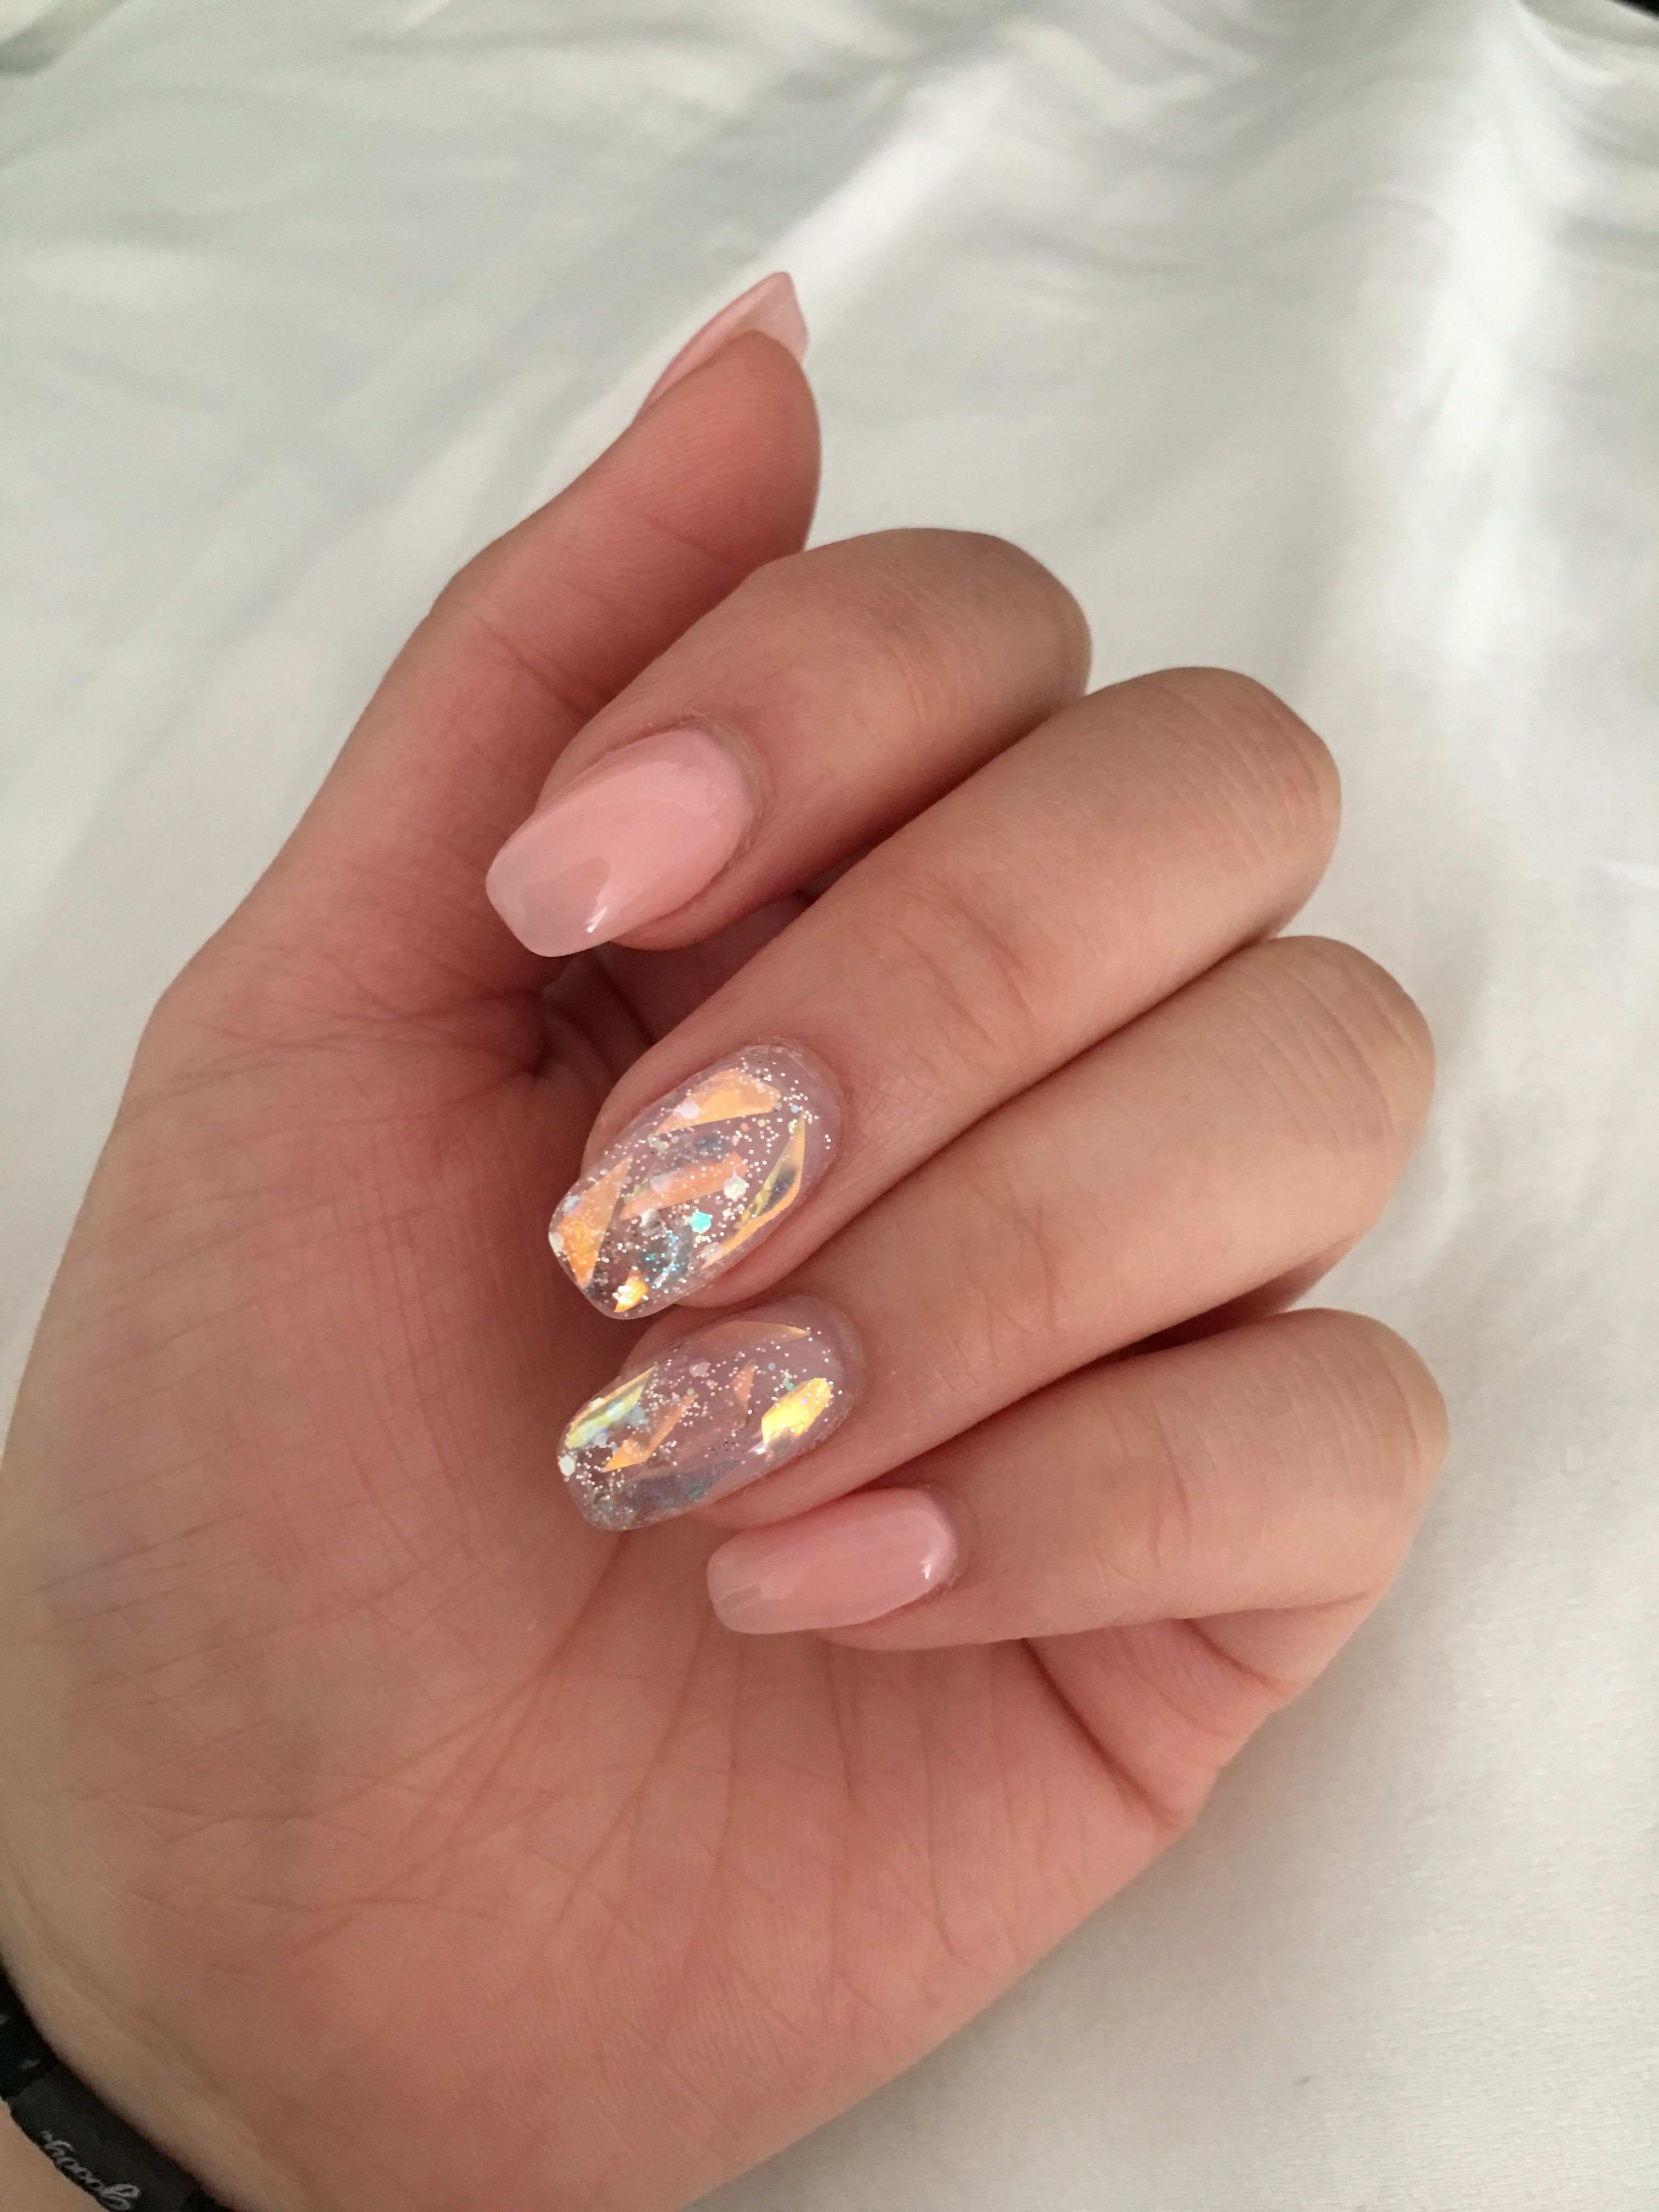 Glass nails | Wonder nails, Mylar nails, Pink acrylic nails